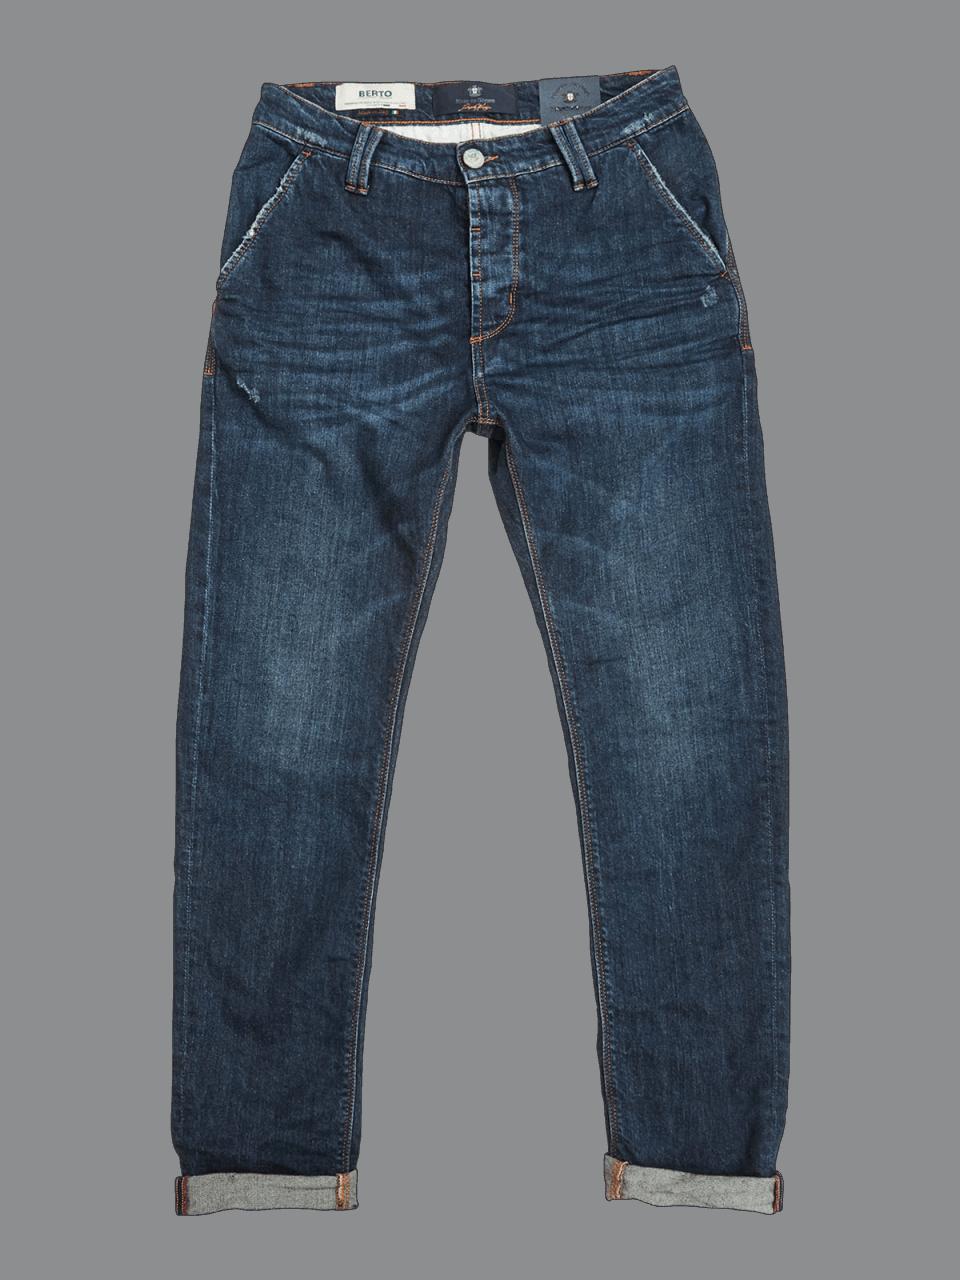 BLUE DE GENES Paulo Nevada Dark Jeans